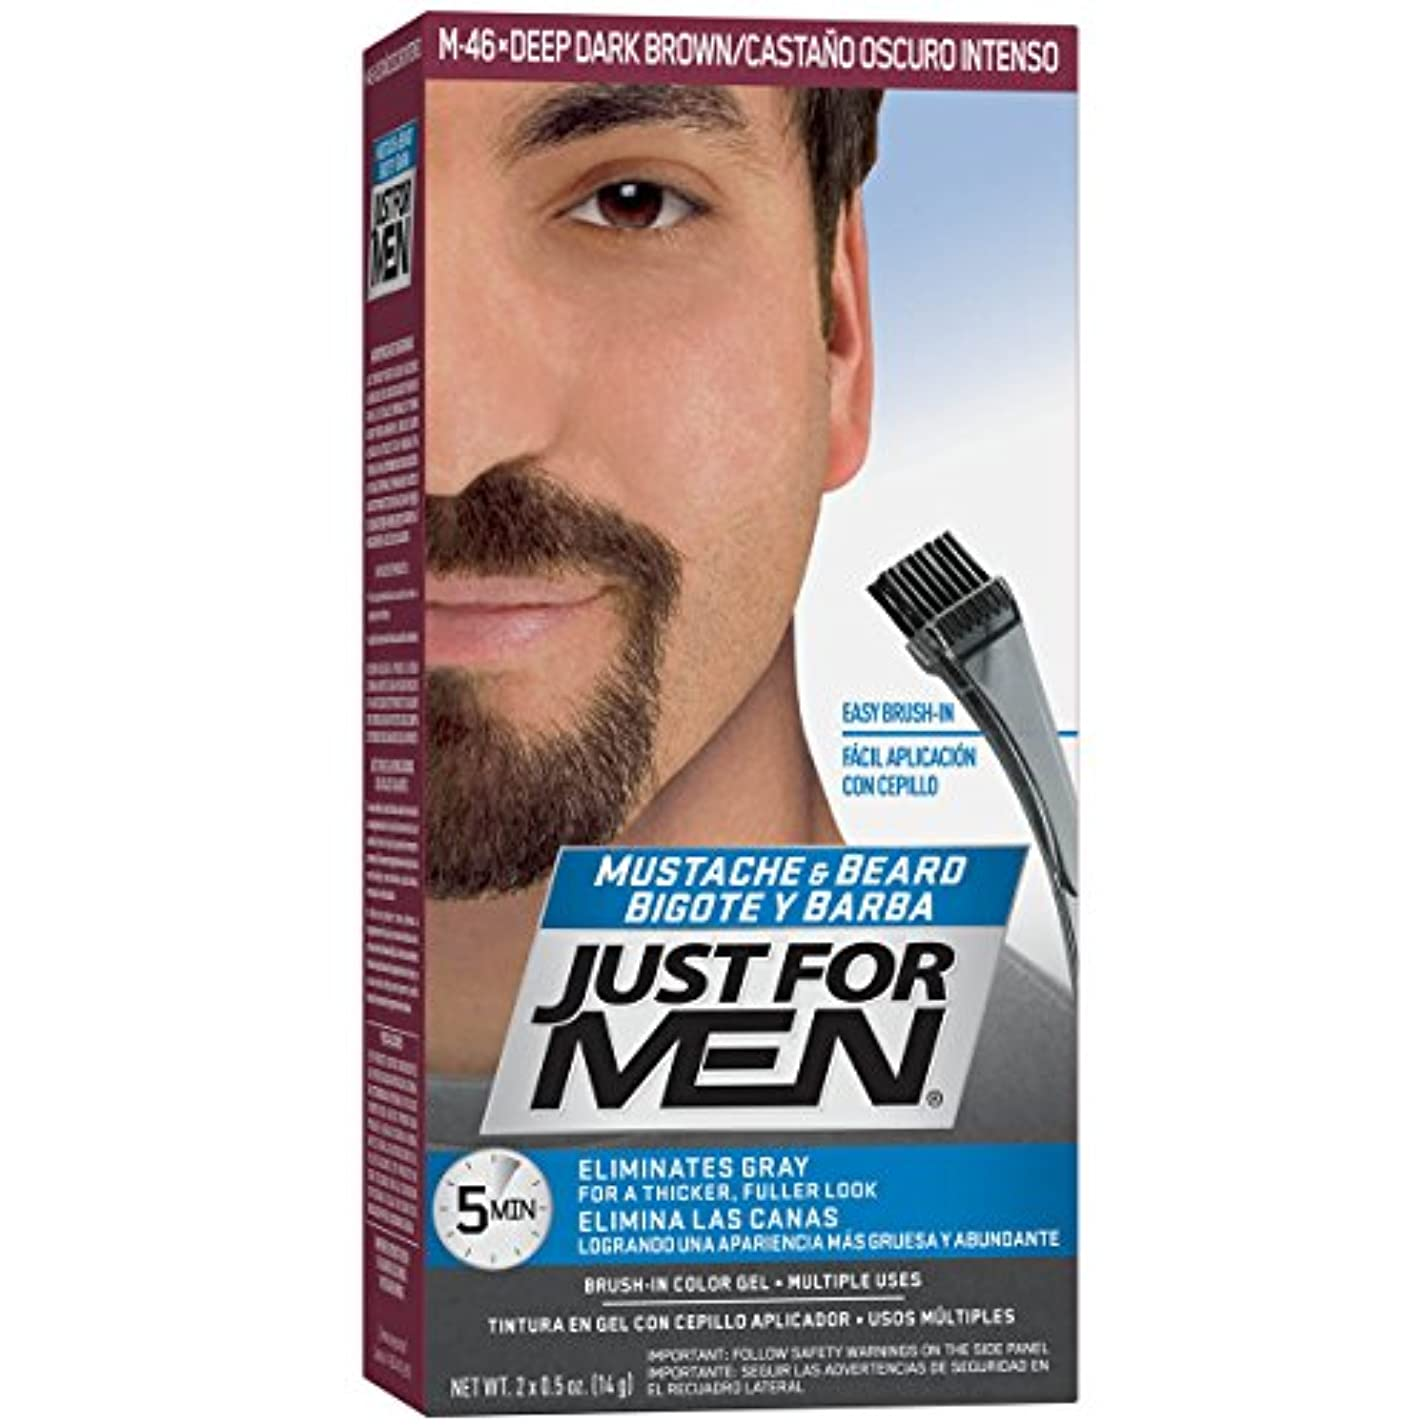 家禽半径ブレスJust for Men 口ひげ&髭ブラシ-のカラージェル、ディープダークブラウン(梱包が変更になる場合があります)